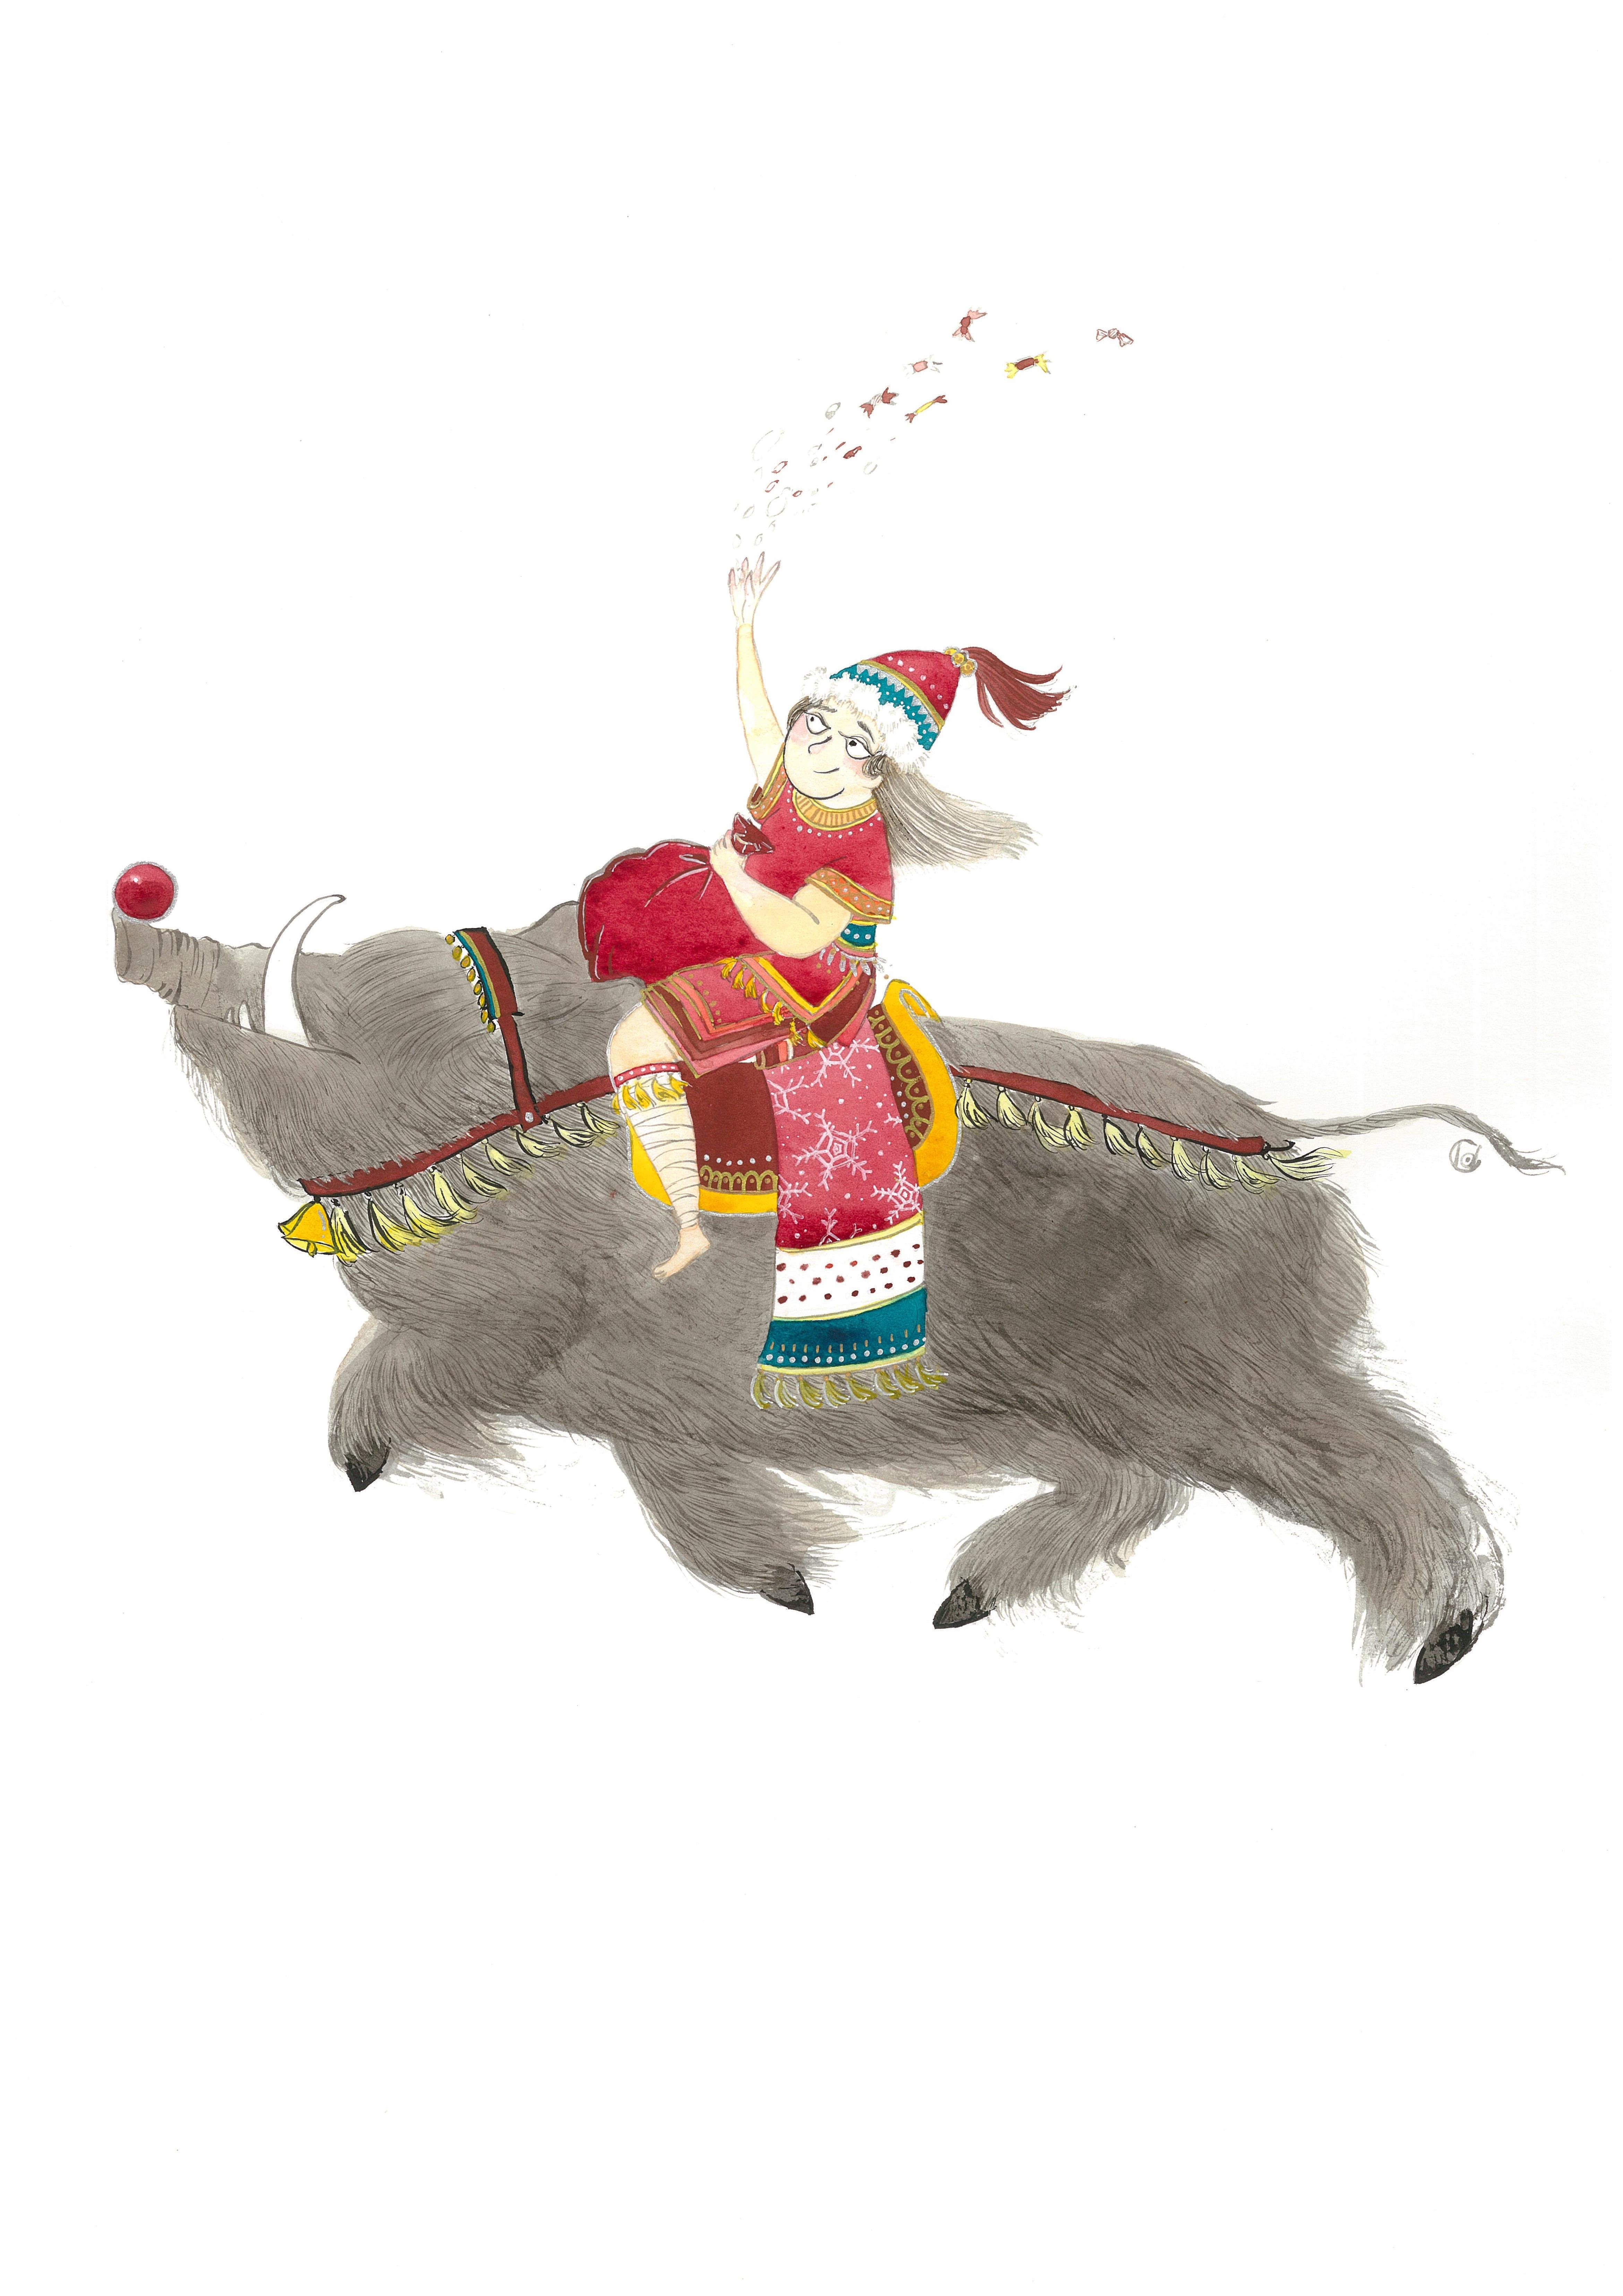 《拿顆聖誕糖吧!》